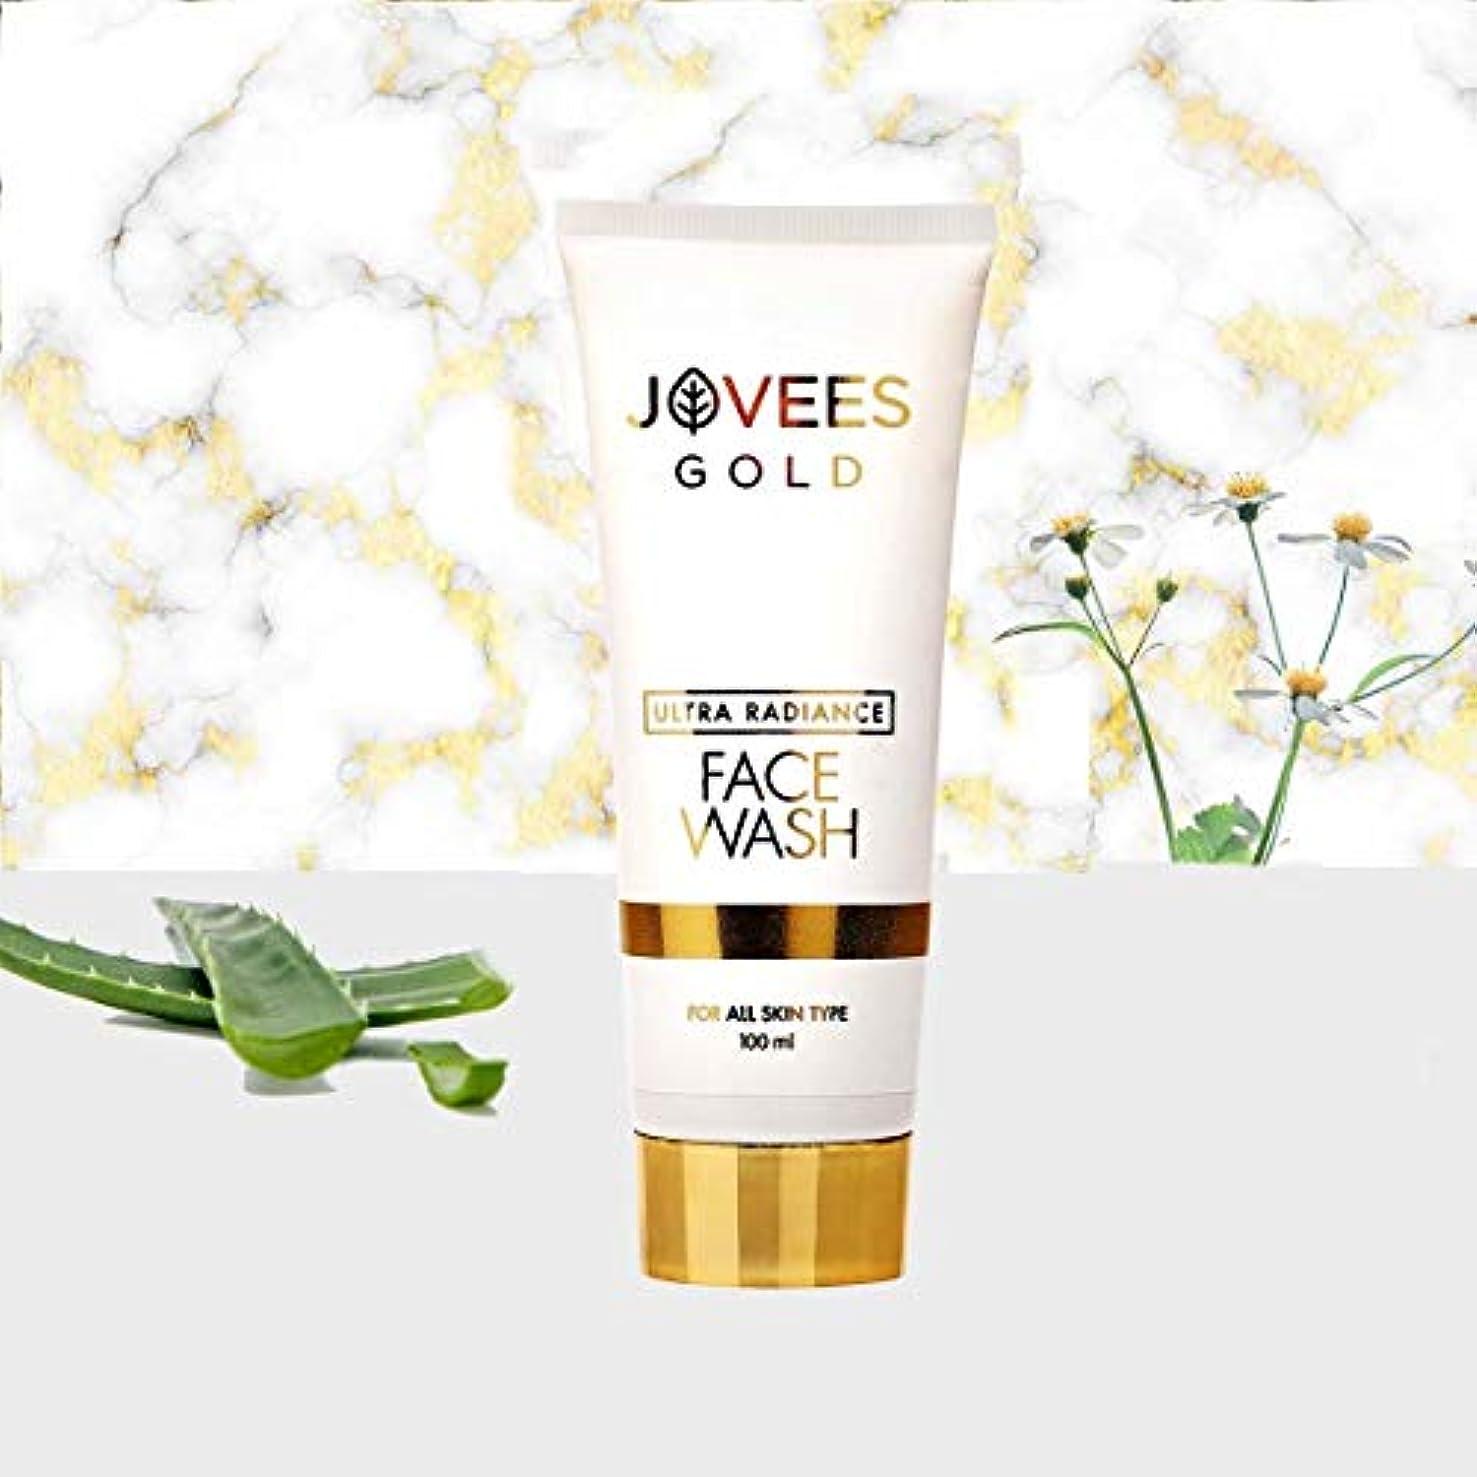 エイリアン扇動する再撮りJovees Ultra Radiance 24K Gold Face Wash 100ml to help bring glow and radiance 輝きと輝きをもたらすのを助けるためにJovees Ultra...